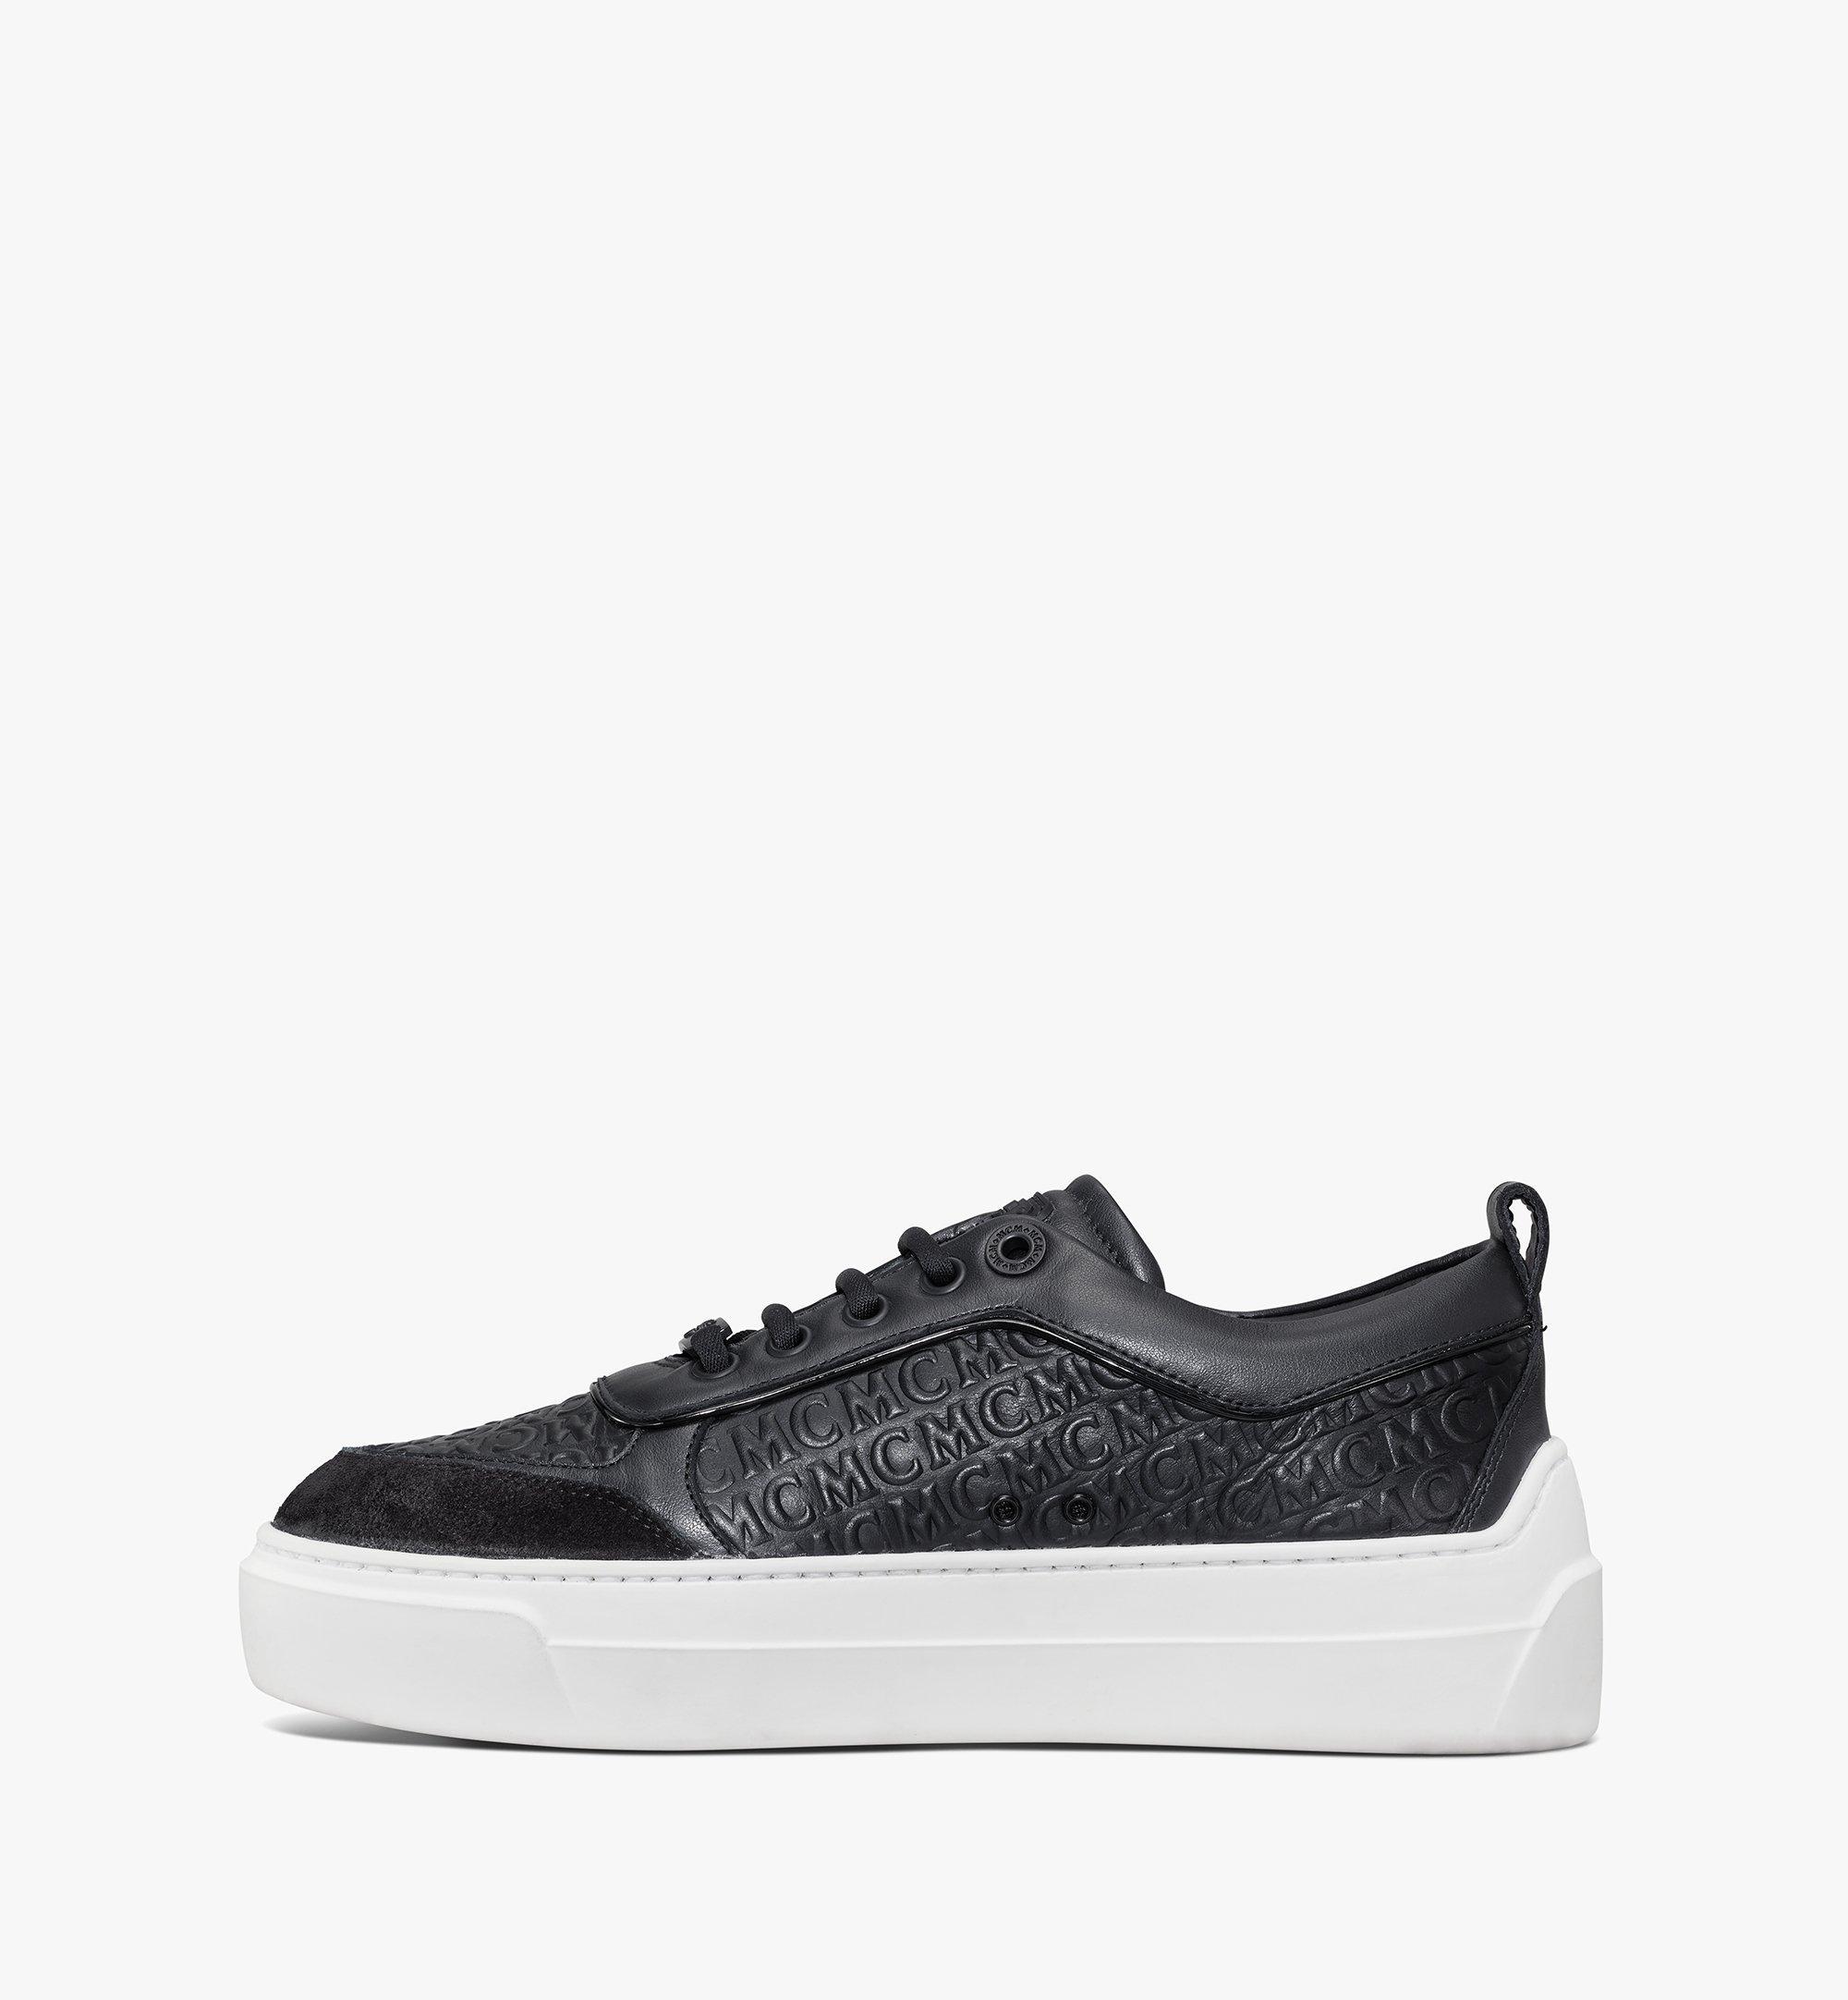 MCM Women's Skyward Platform Sneakers in Monogram Leather Black MESAAMM21BK036 Alternate View 2